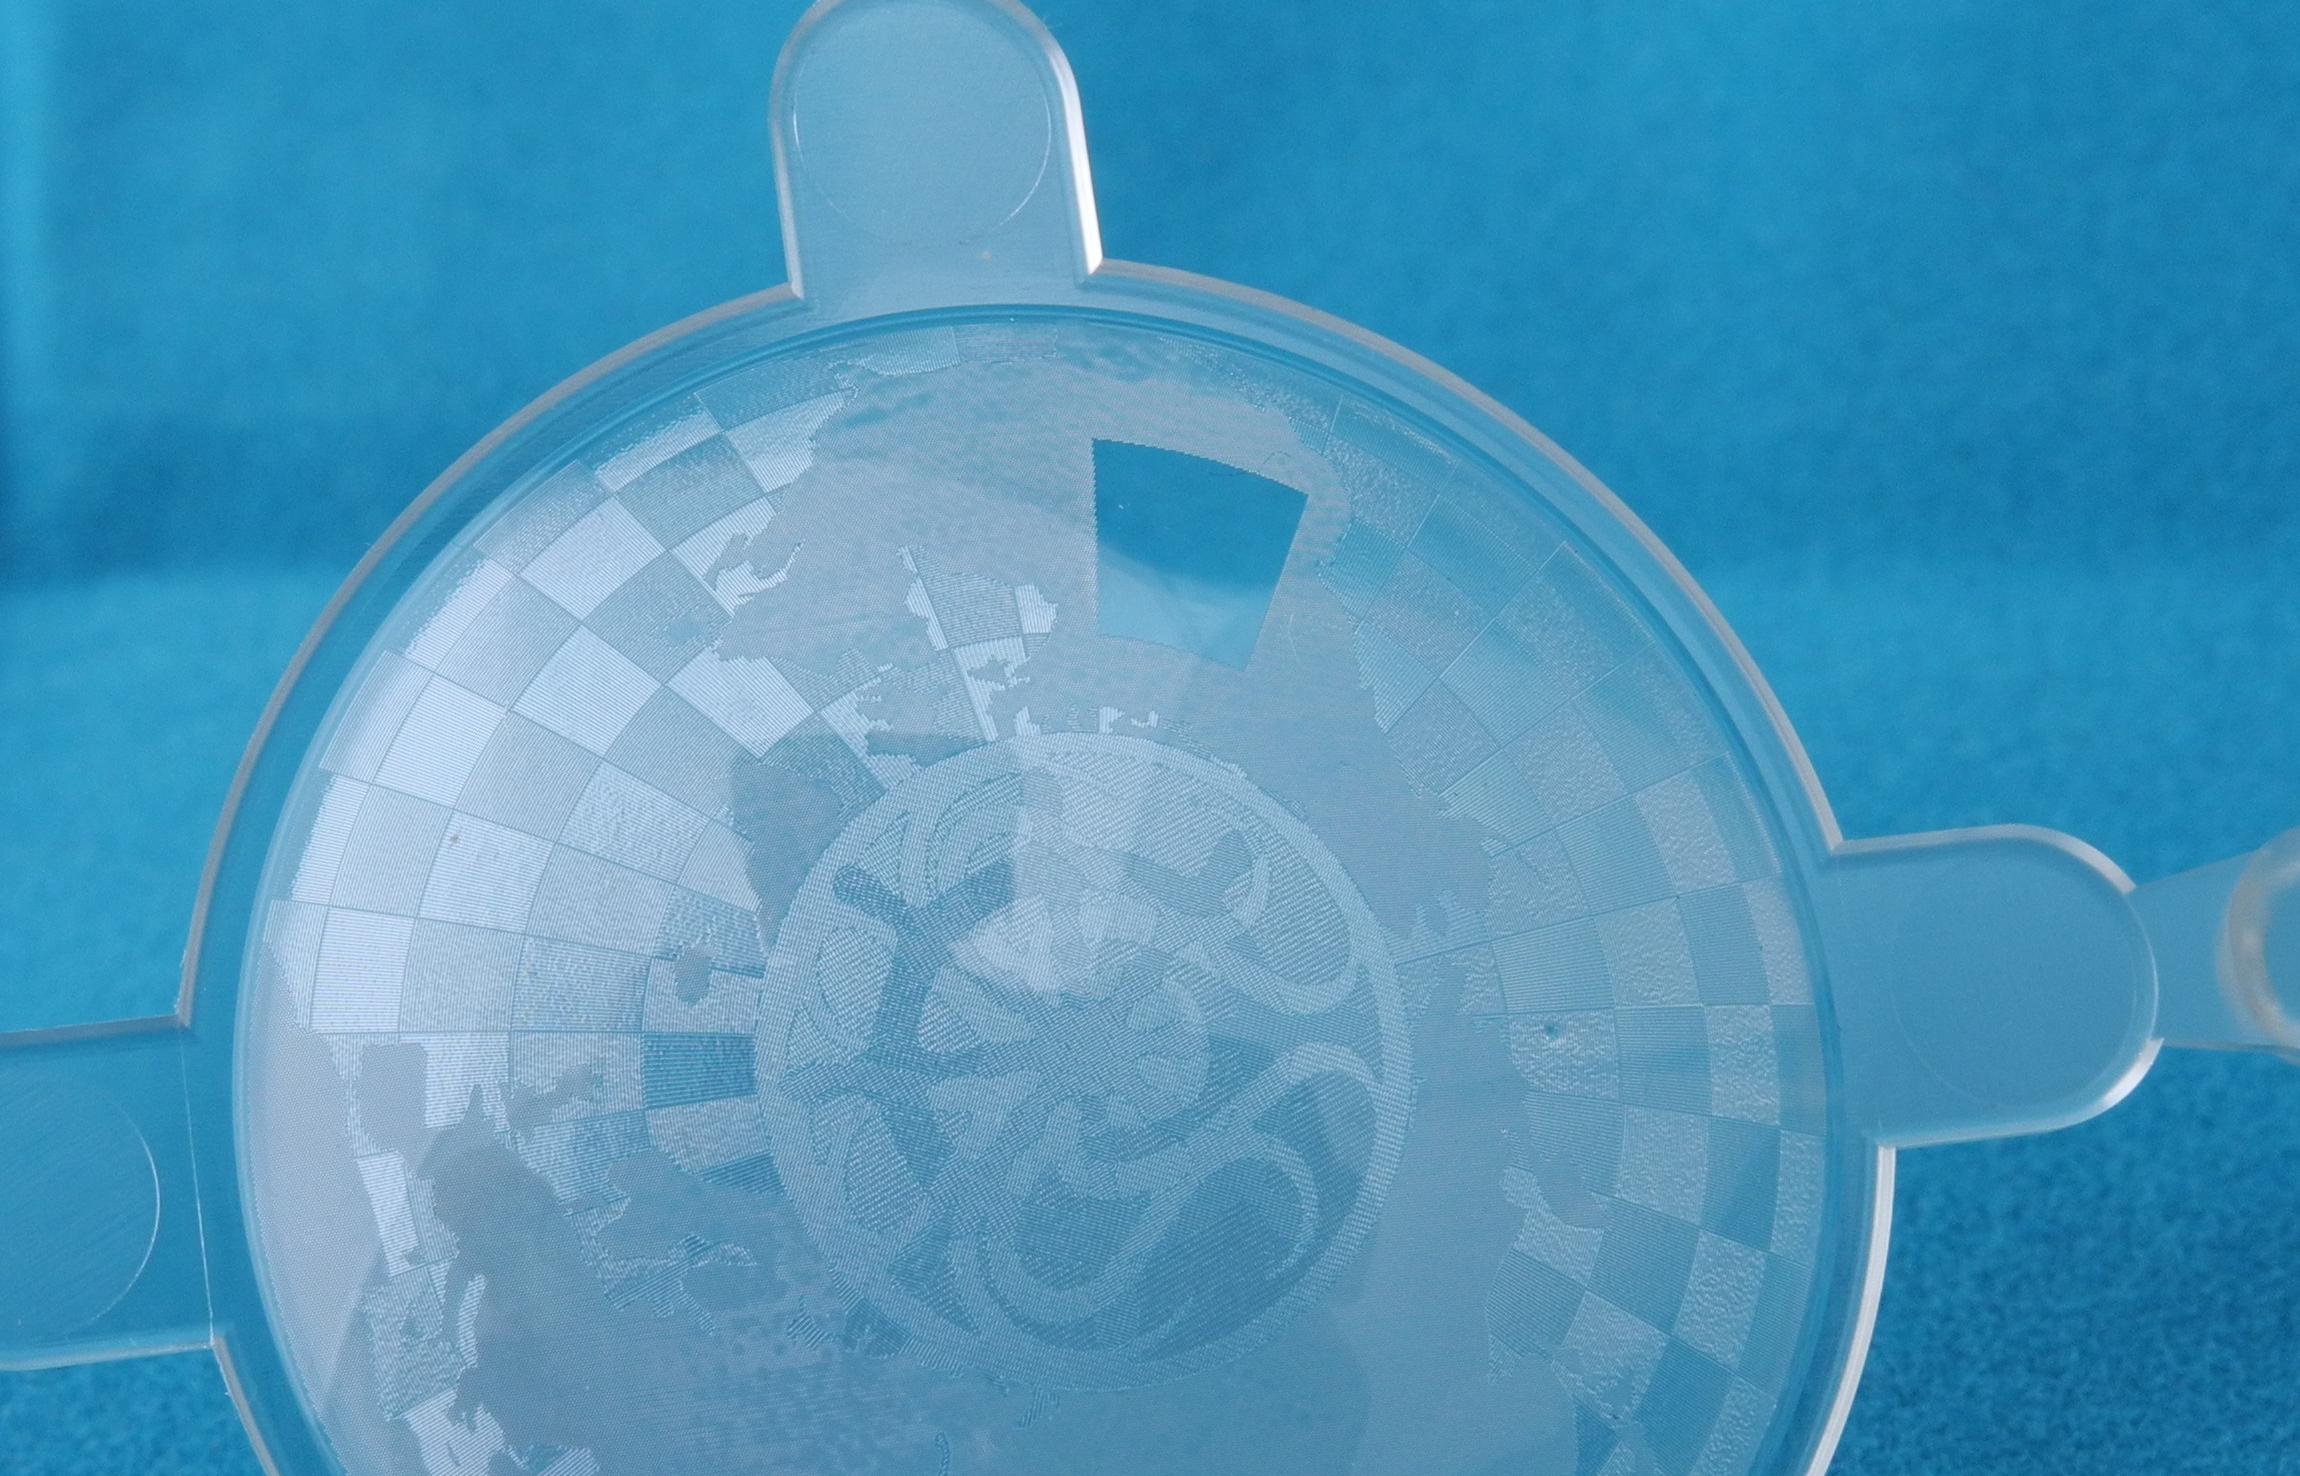 Harissa: Développer une technologie de fabrication de pièces plastiques 3D